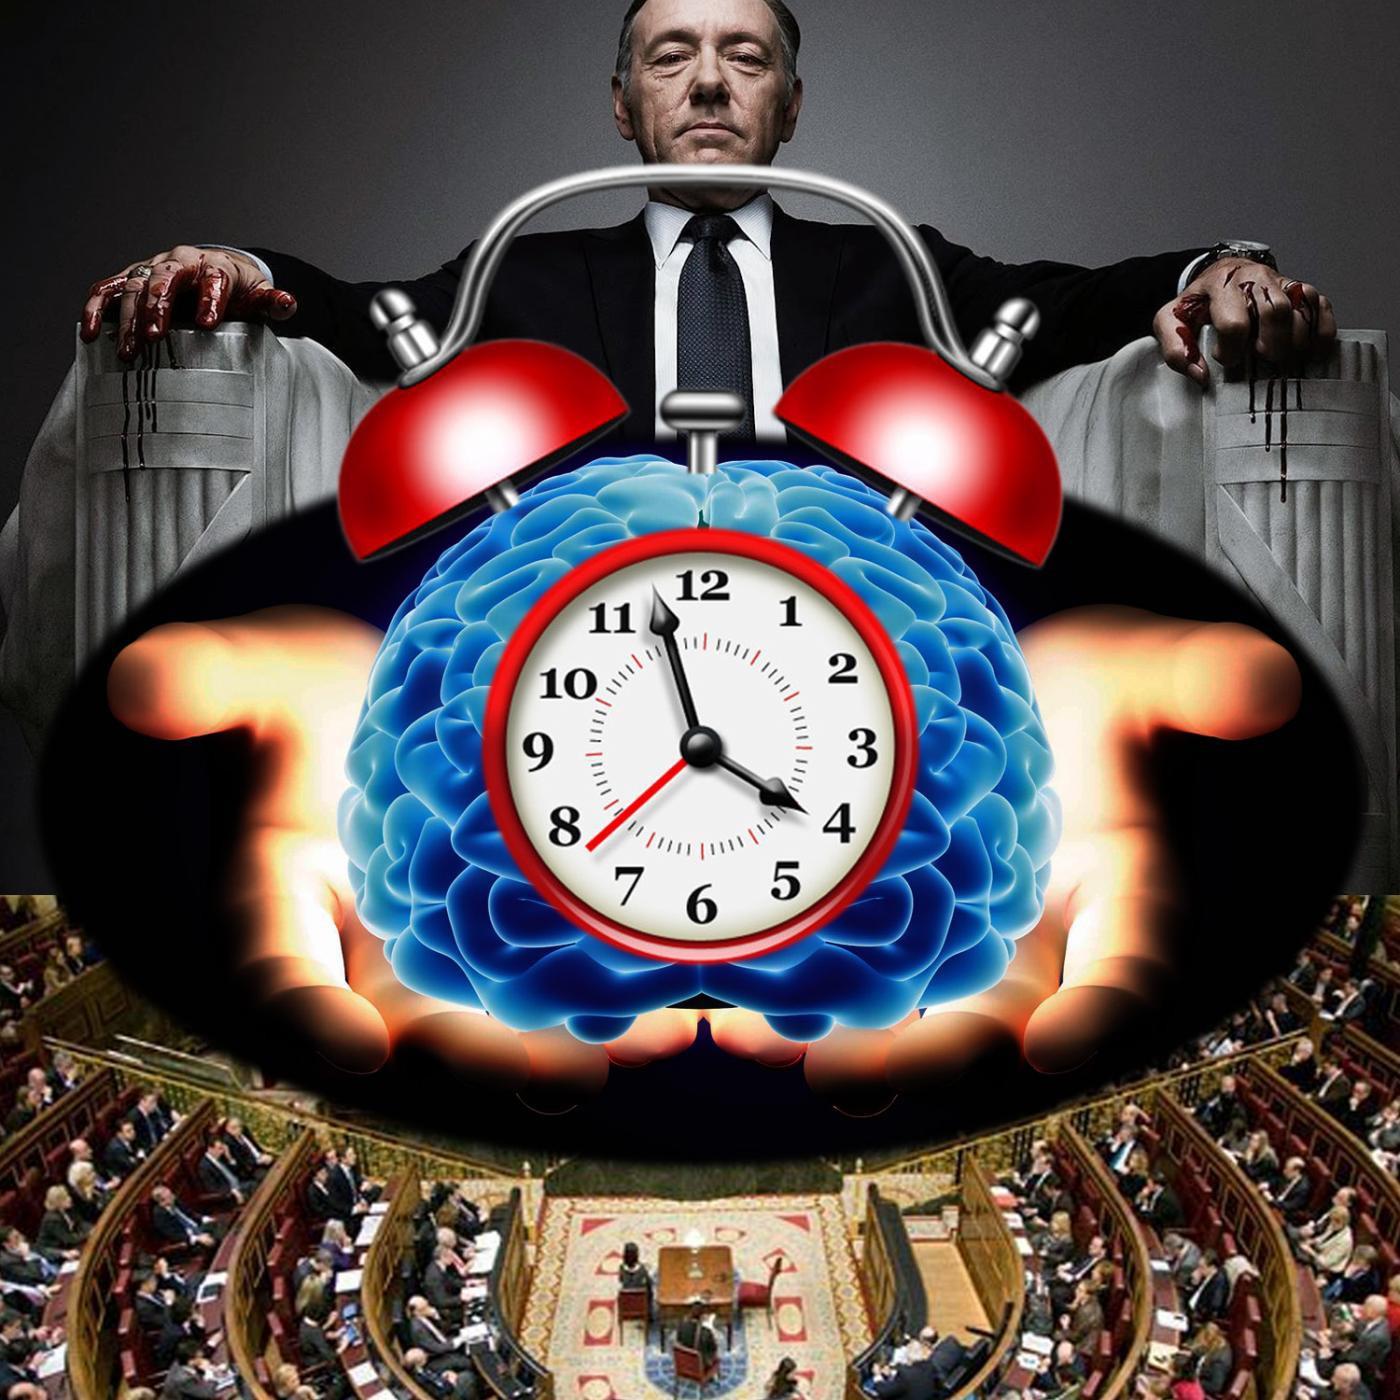 26. La política es una farsa - El Despertador Consciente